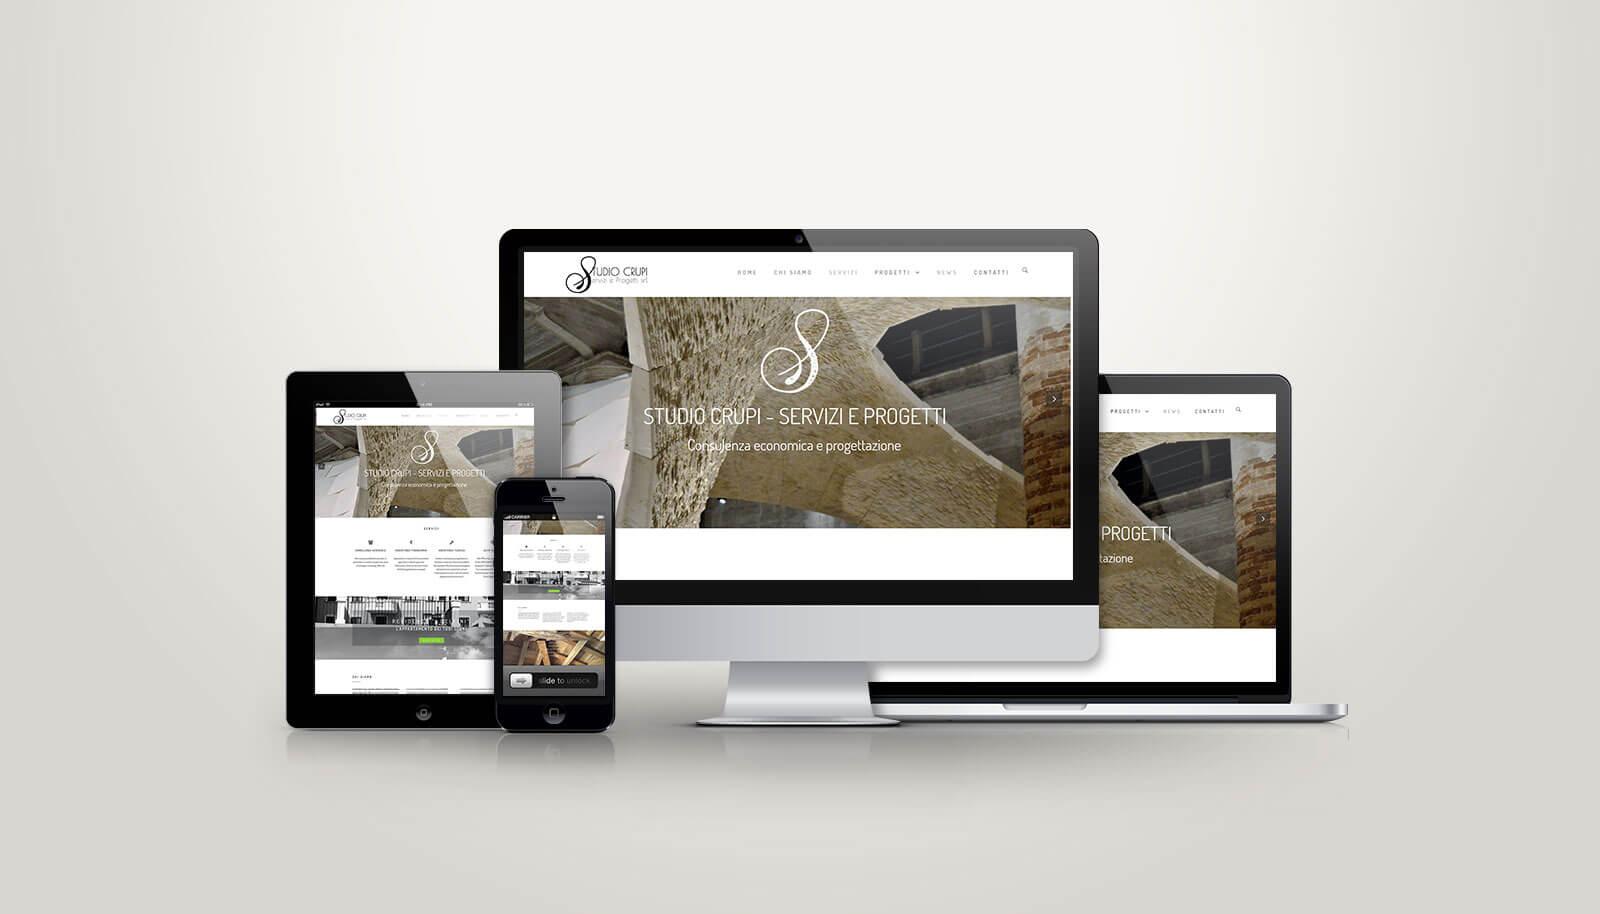 Studio Cupri Servizi e Progetti